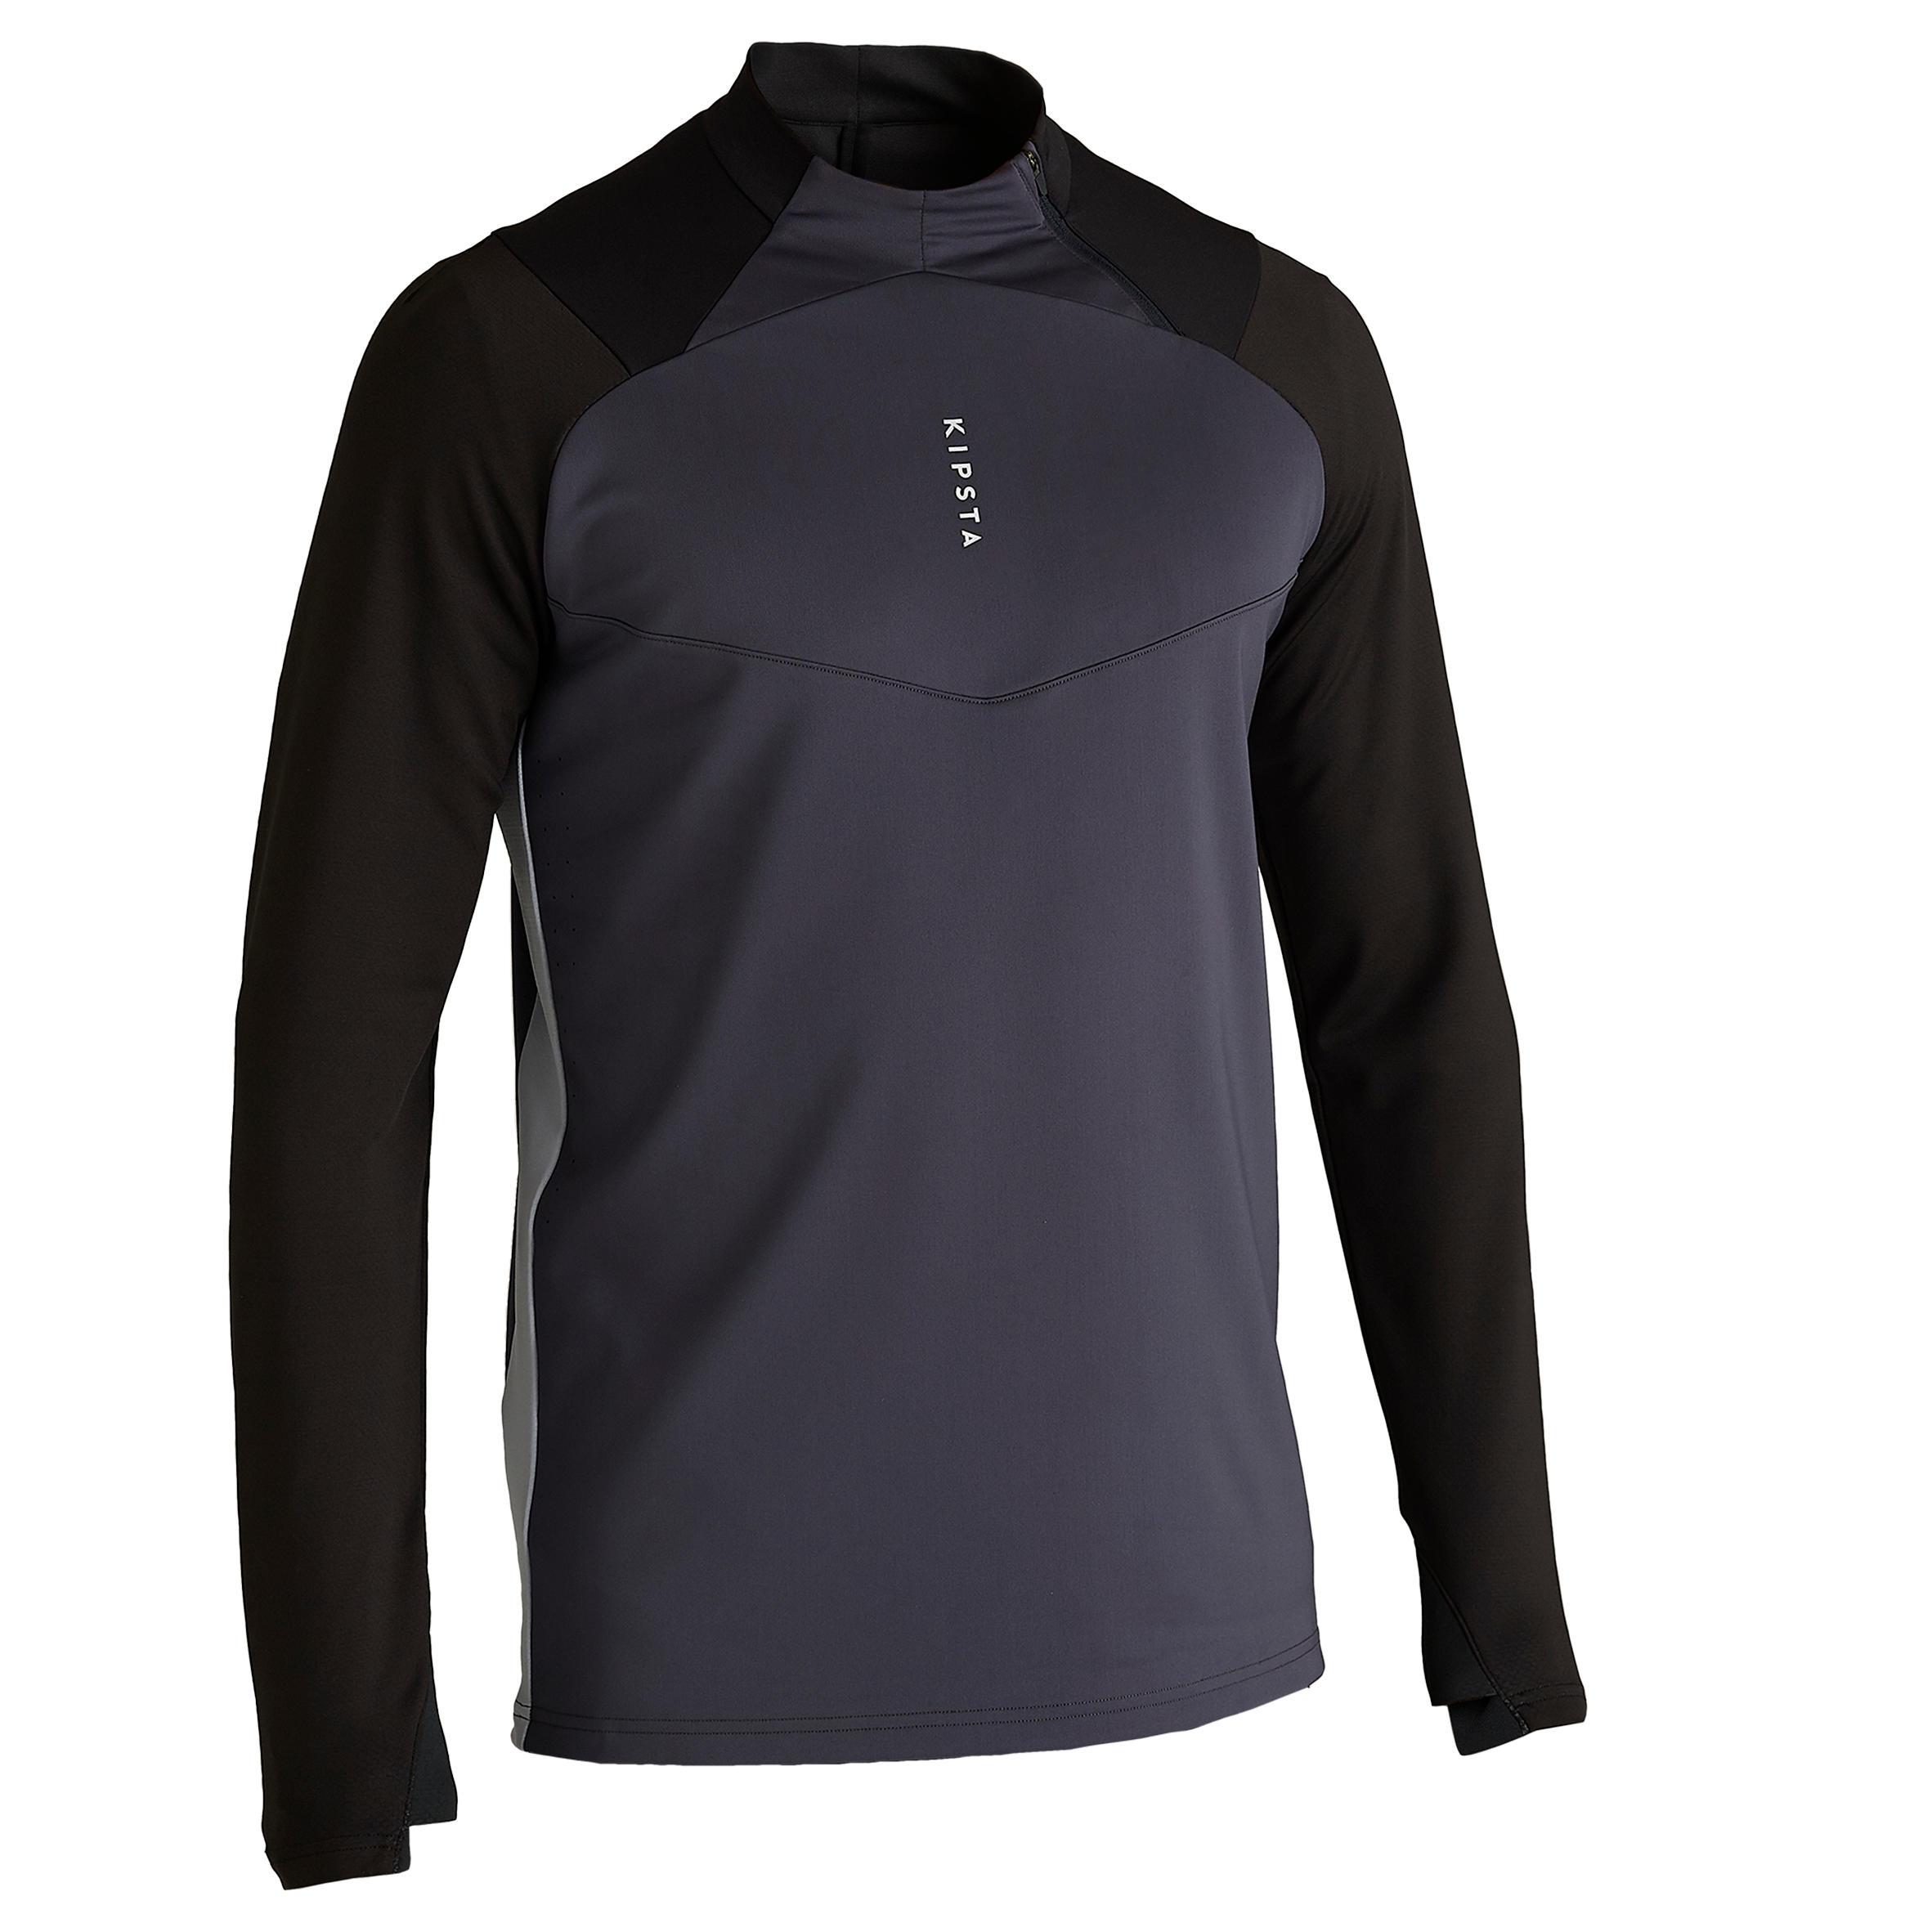 Trainingsshirt Fussball T500 1/2 Zip Erwachsene schwarz